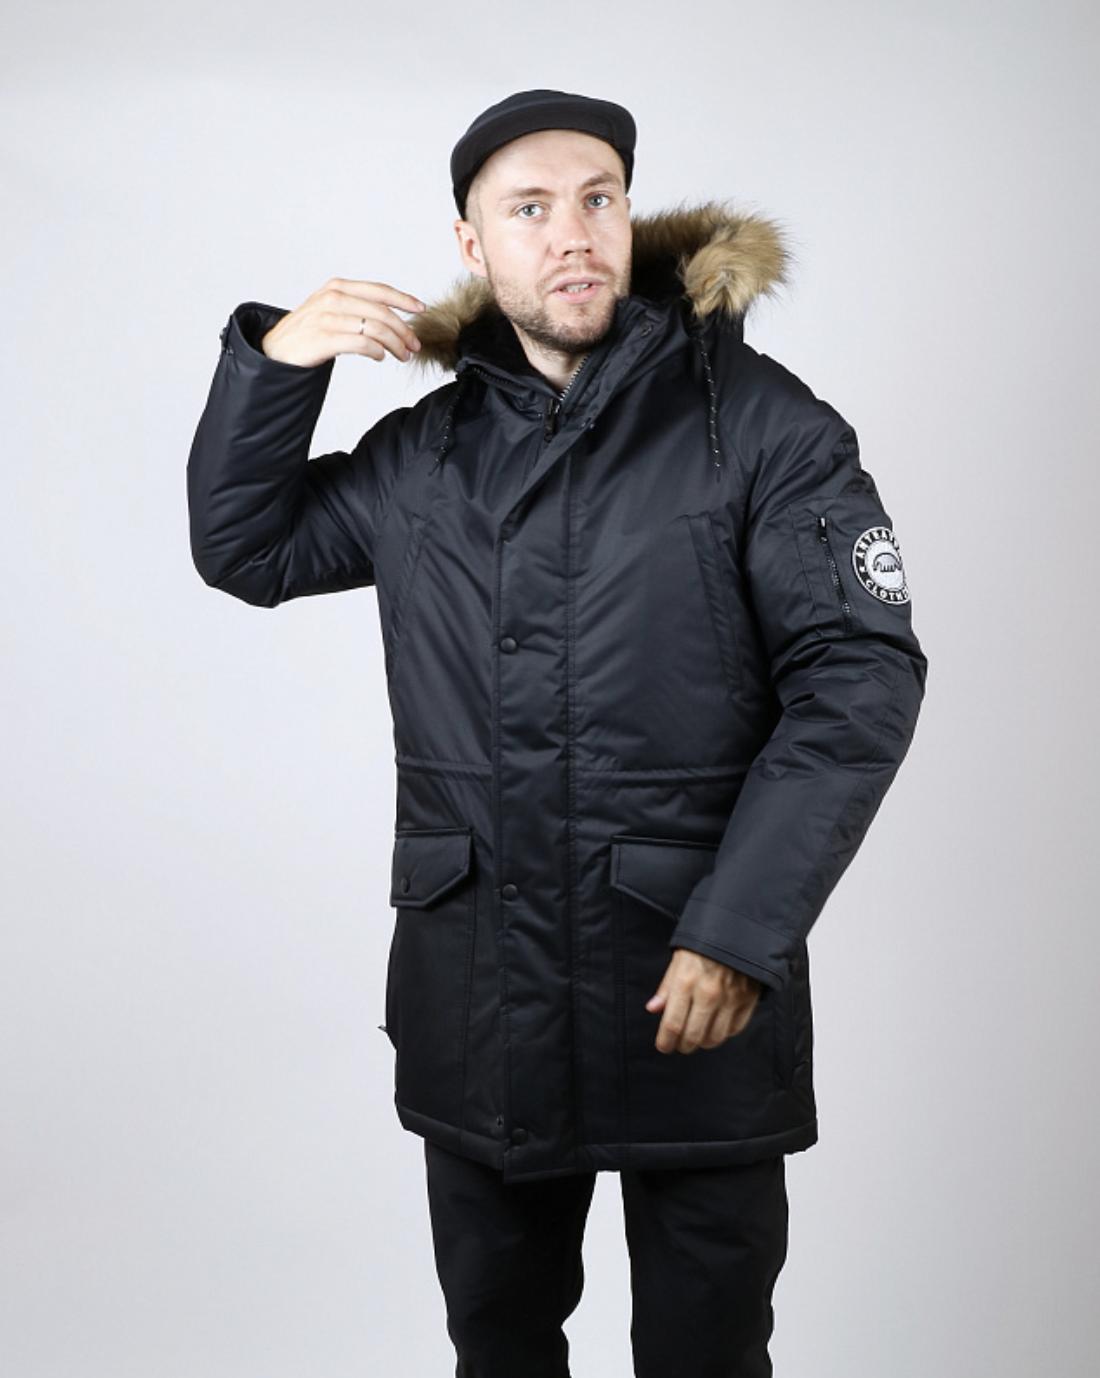 42ad319d40e1b Куртка зимняя Anteater Alaska черного цвета. Зимняя хип хоп куртка.